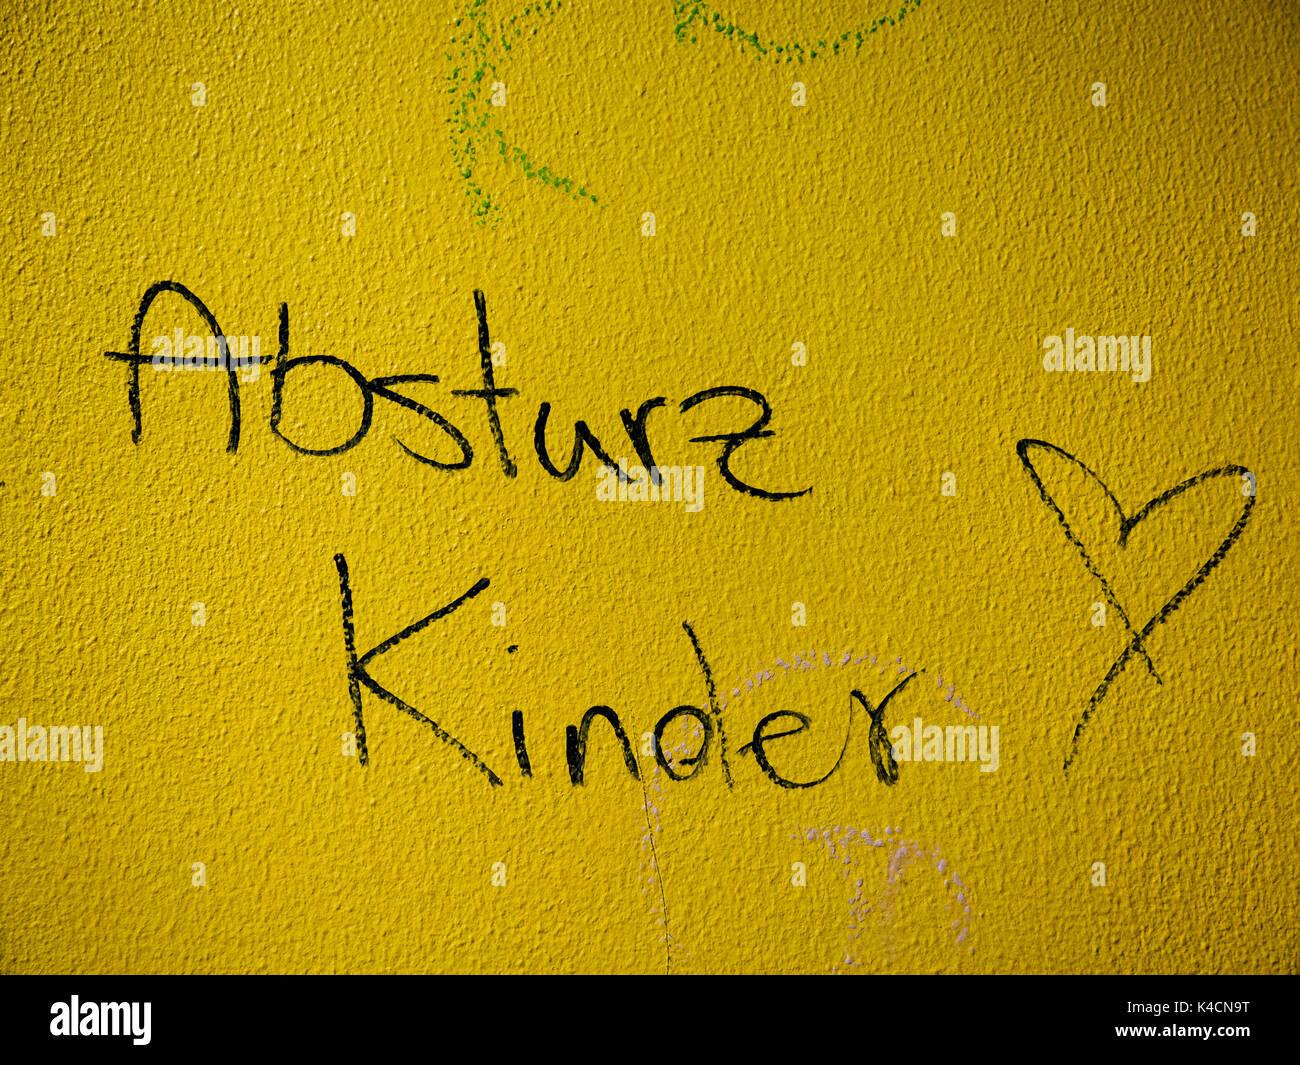 La cultura giovanile, Graffiti Società di confine, infanzia Immagini Stock